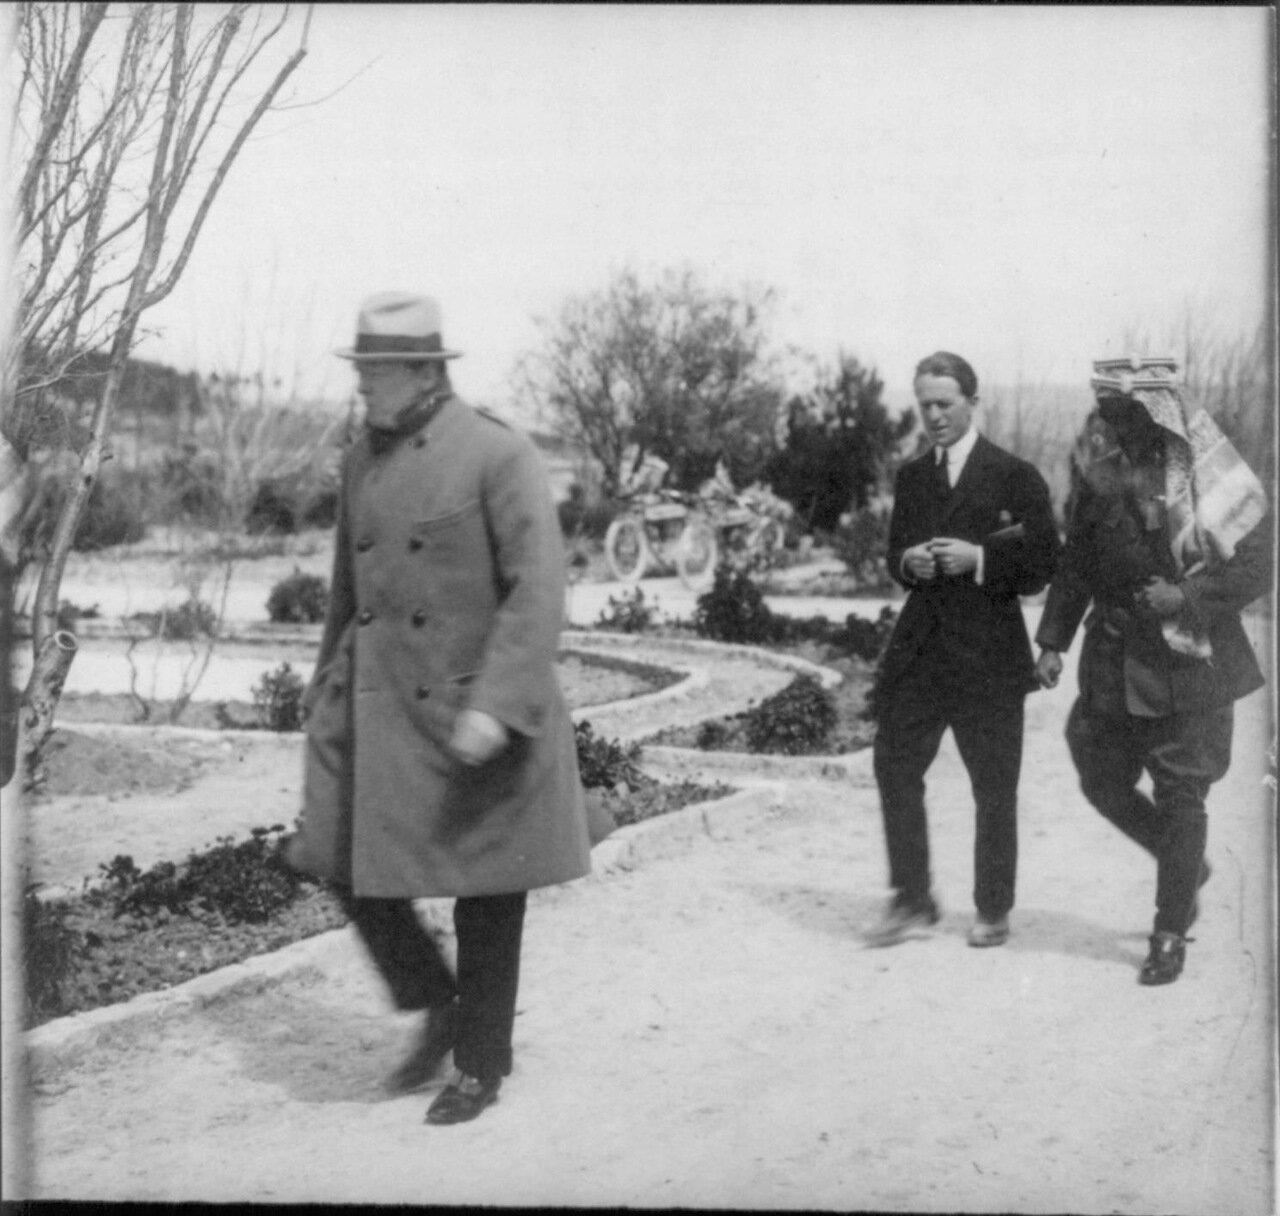 1921. Уинстон Черчилль, Томас Лоуренc и эмир Абдулла прогуливаются в саду дома Правительства во время секретной конференции в Иерусалиме